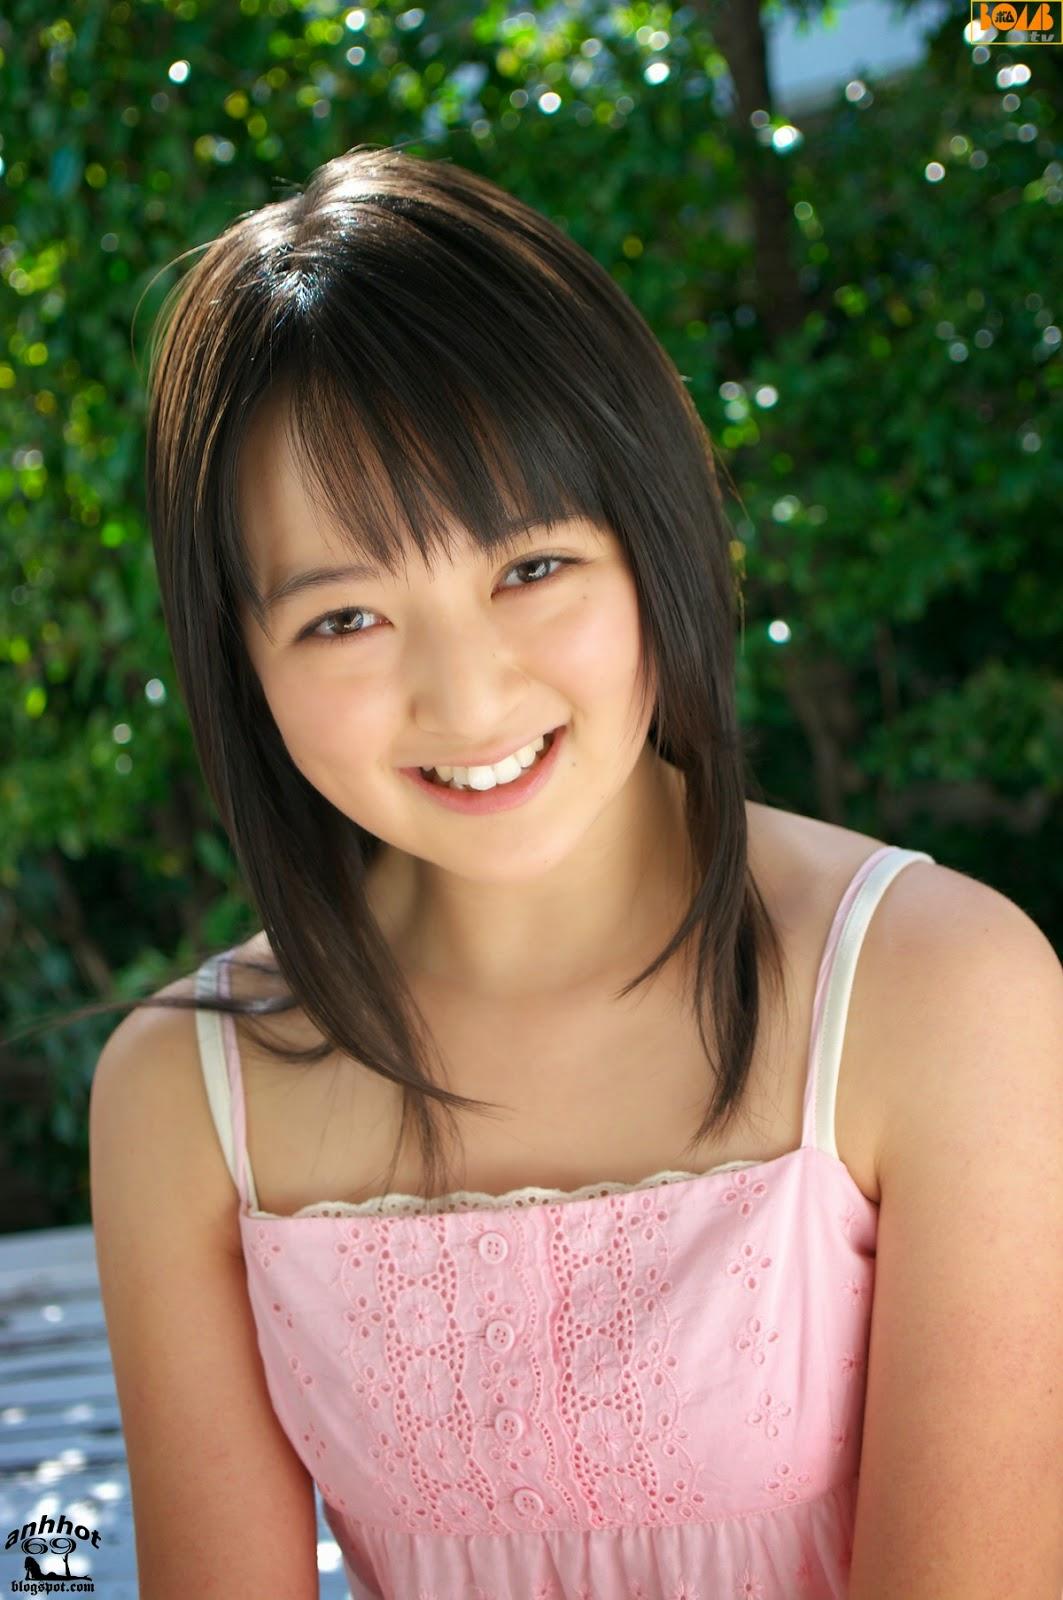 saki-takayama-00855657